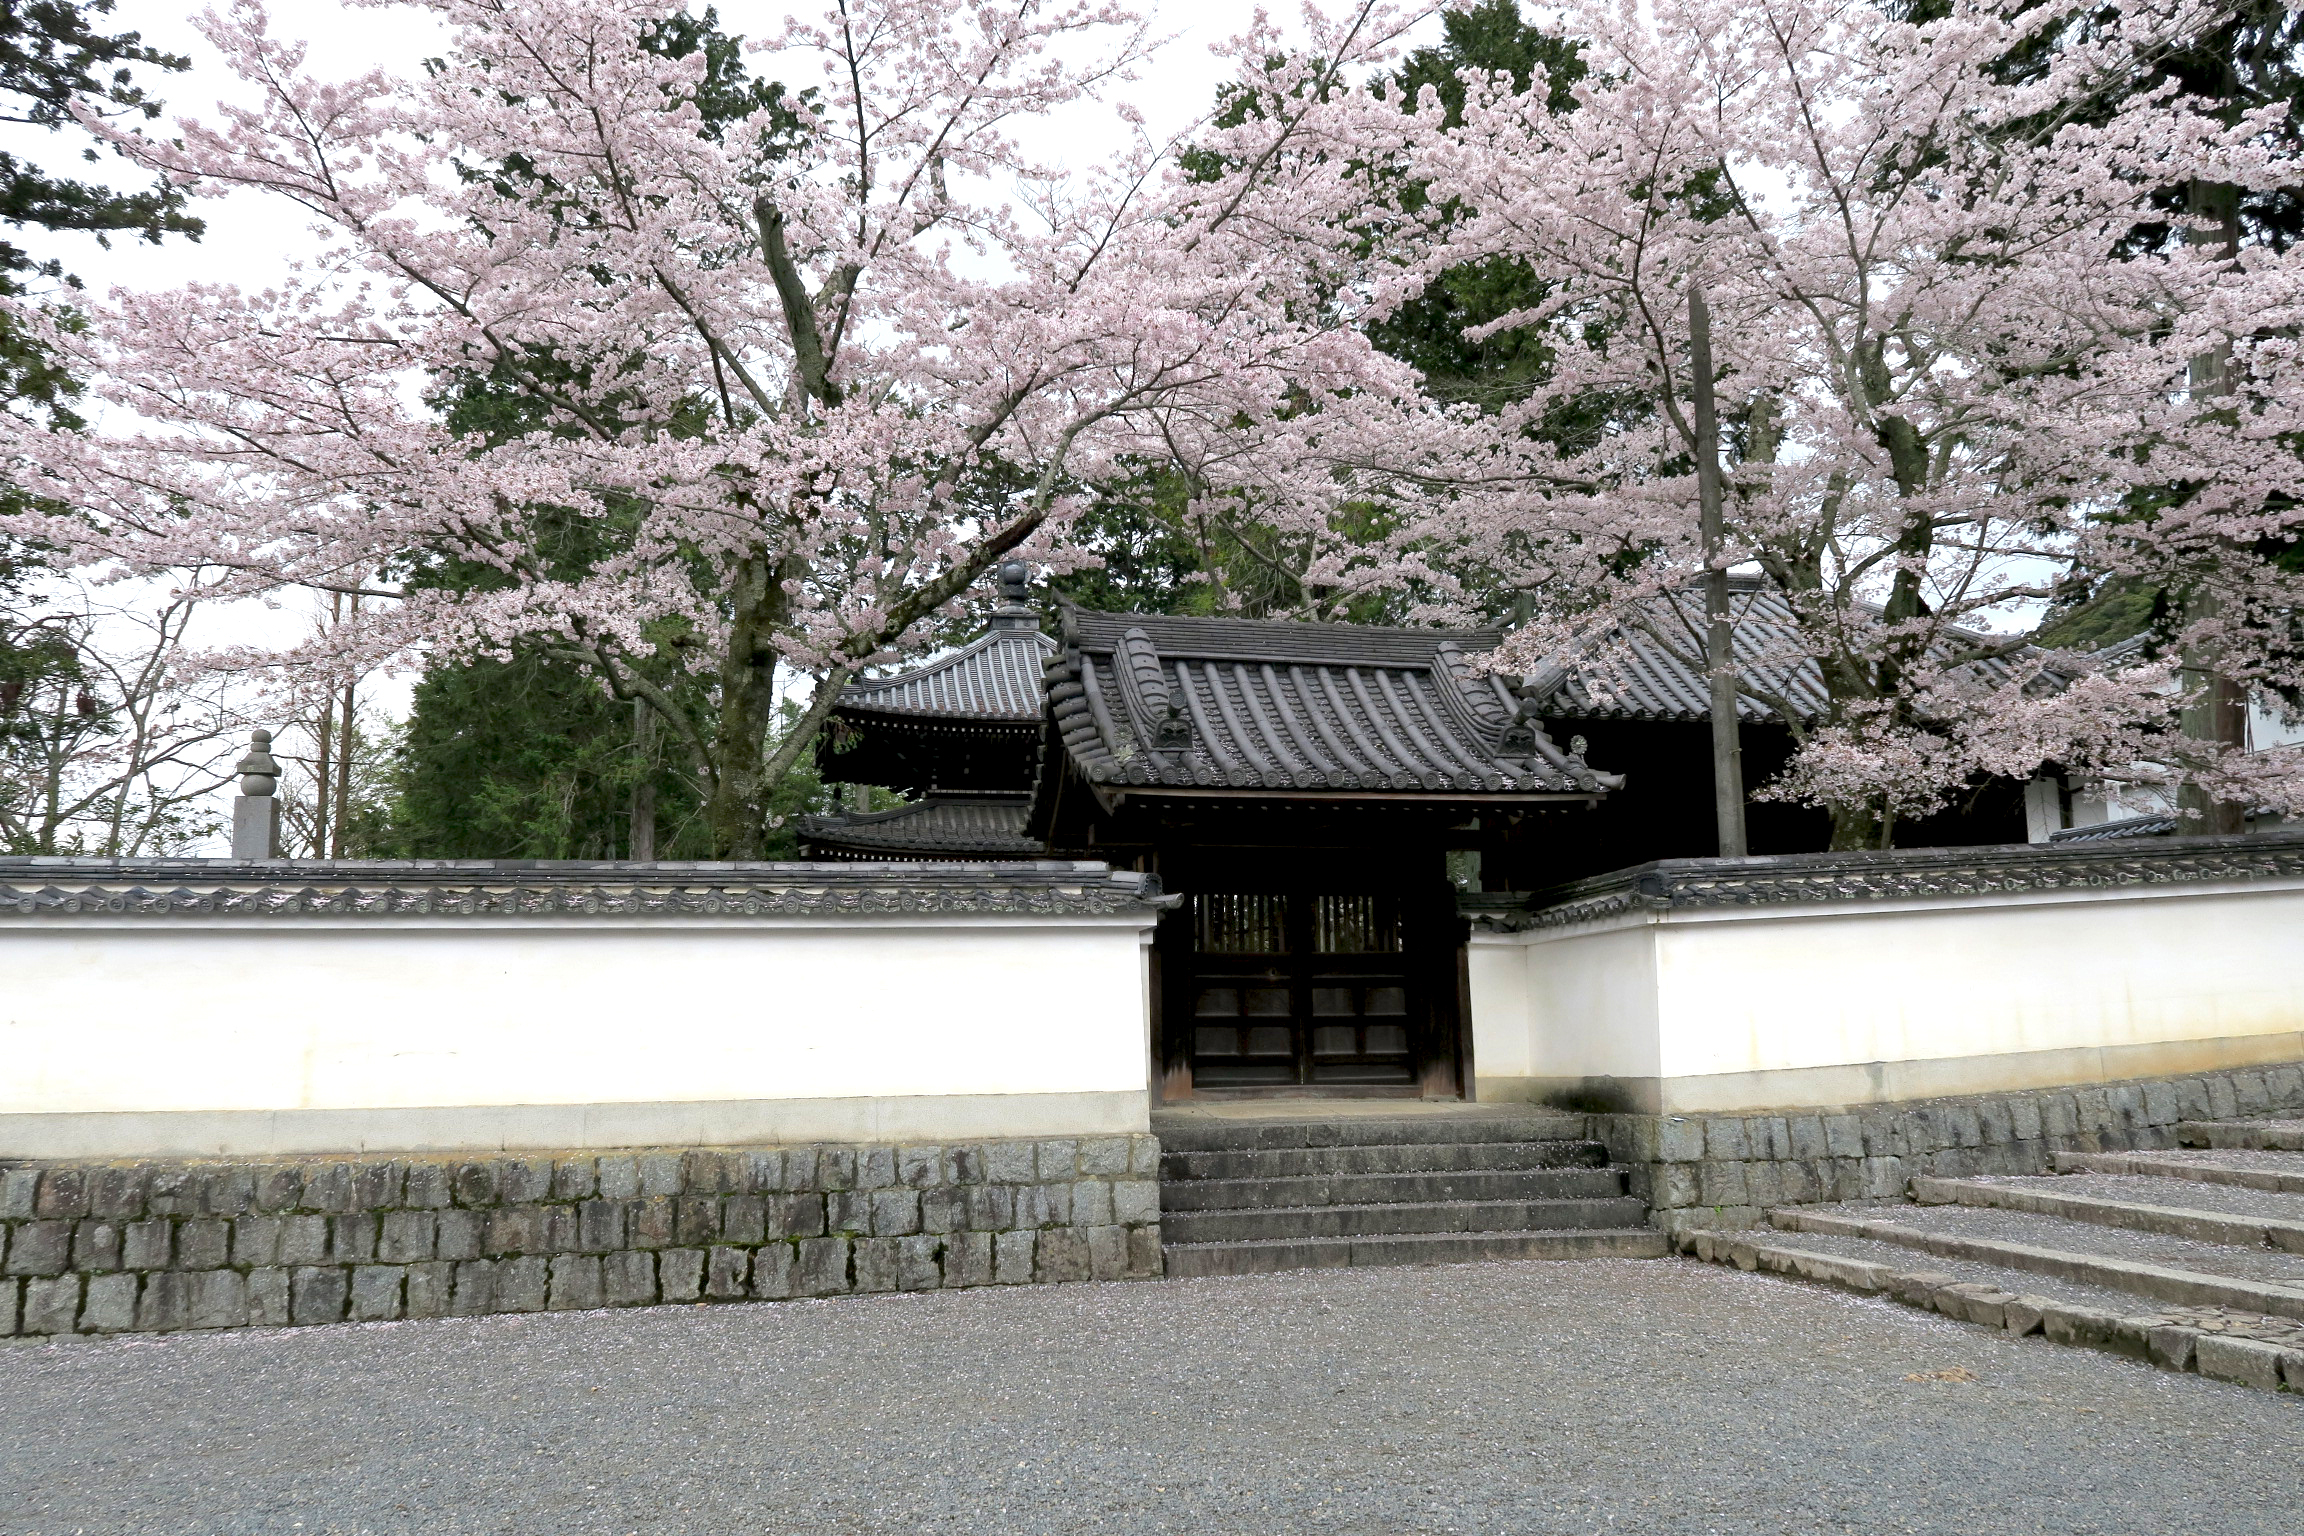 南禅寺専門道場の桜。桜の撮影ポイントにもなっていて、多くの観光客がここで記念撮影をしています。